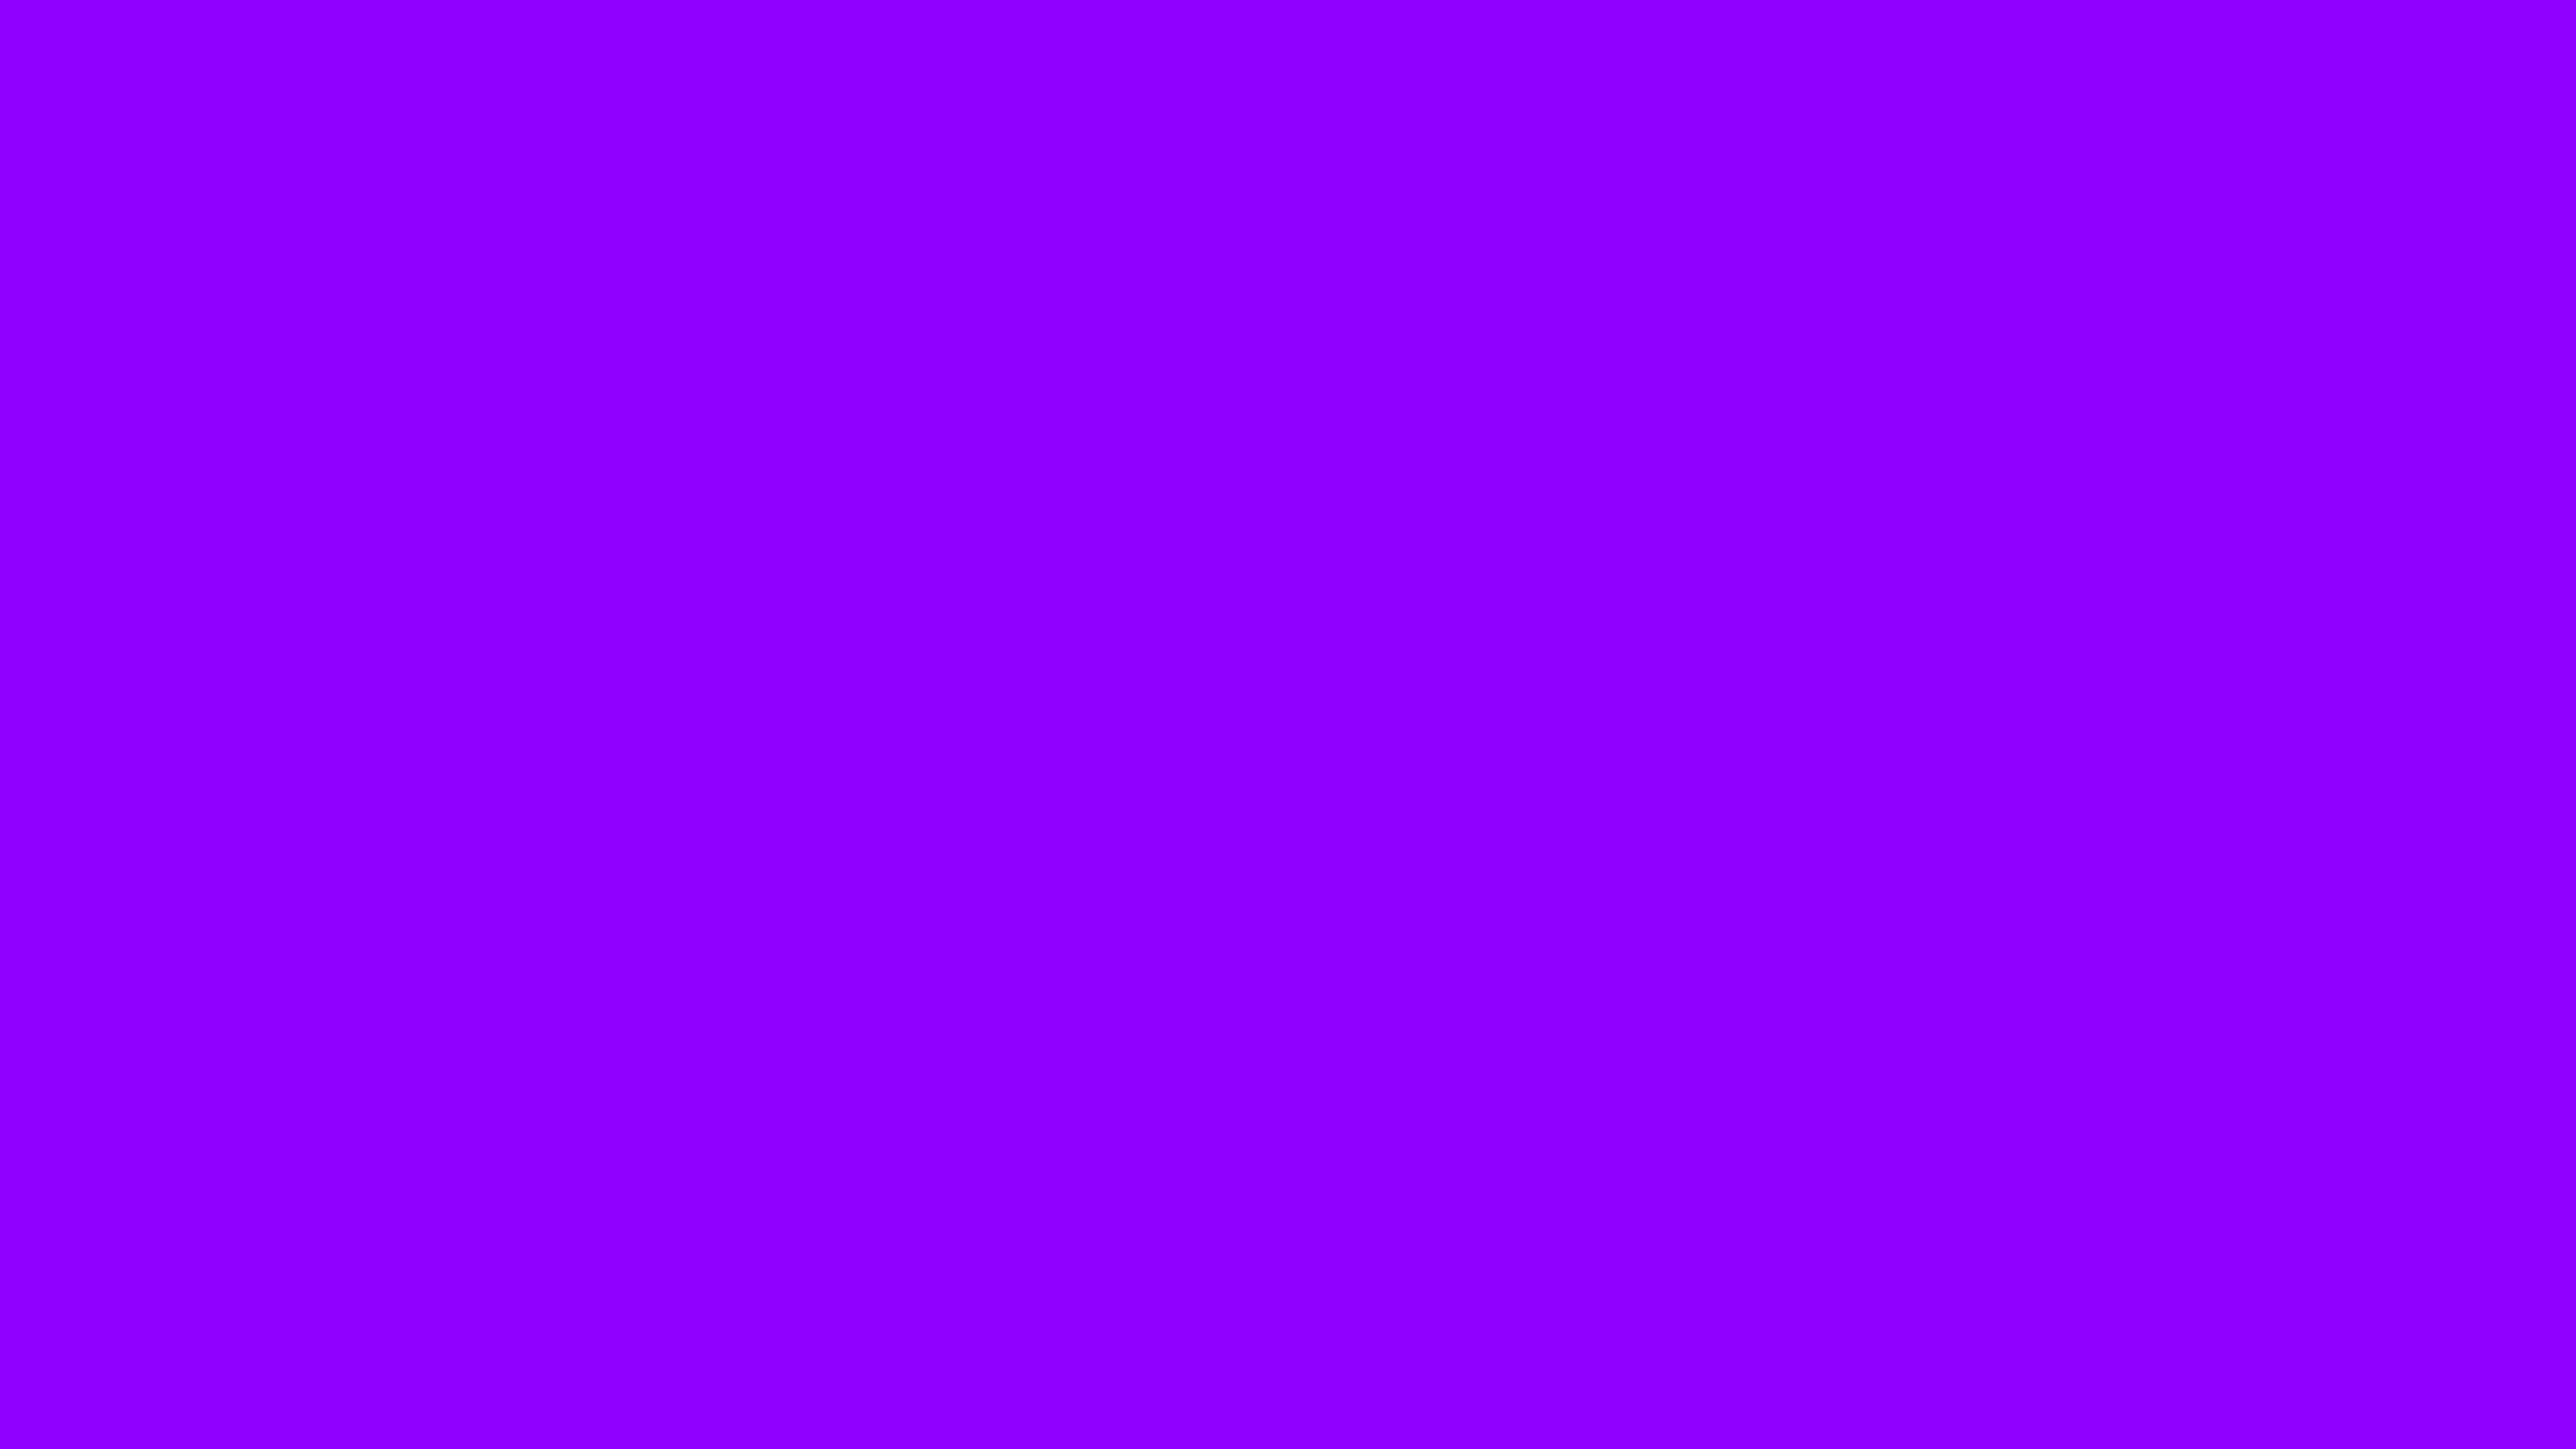 4096x2304 Violet Solid Color Background